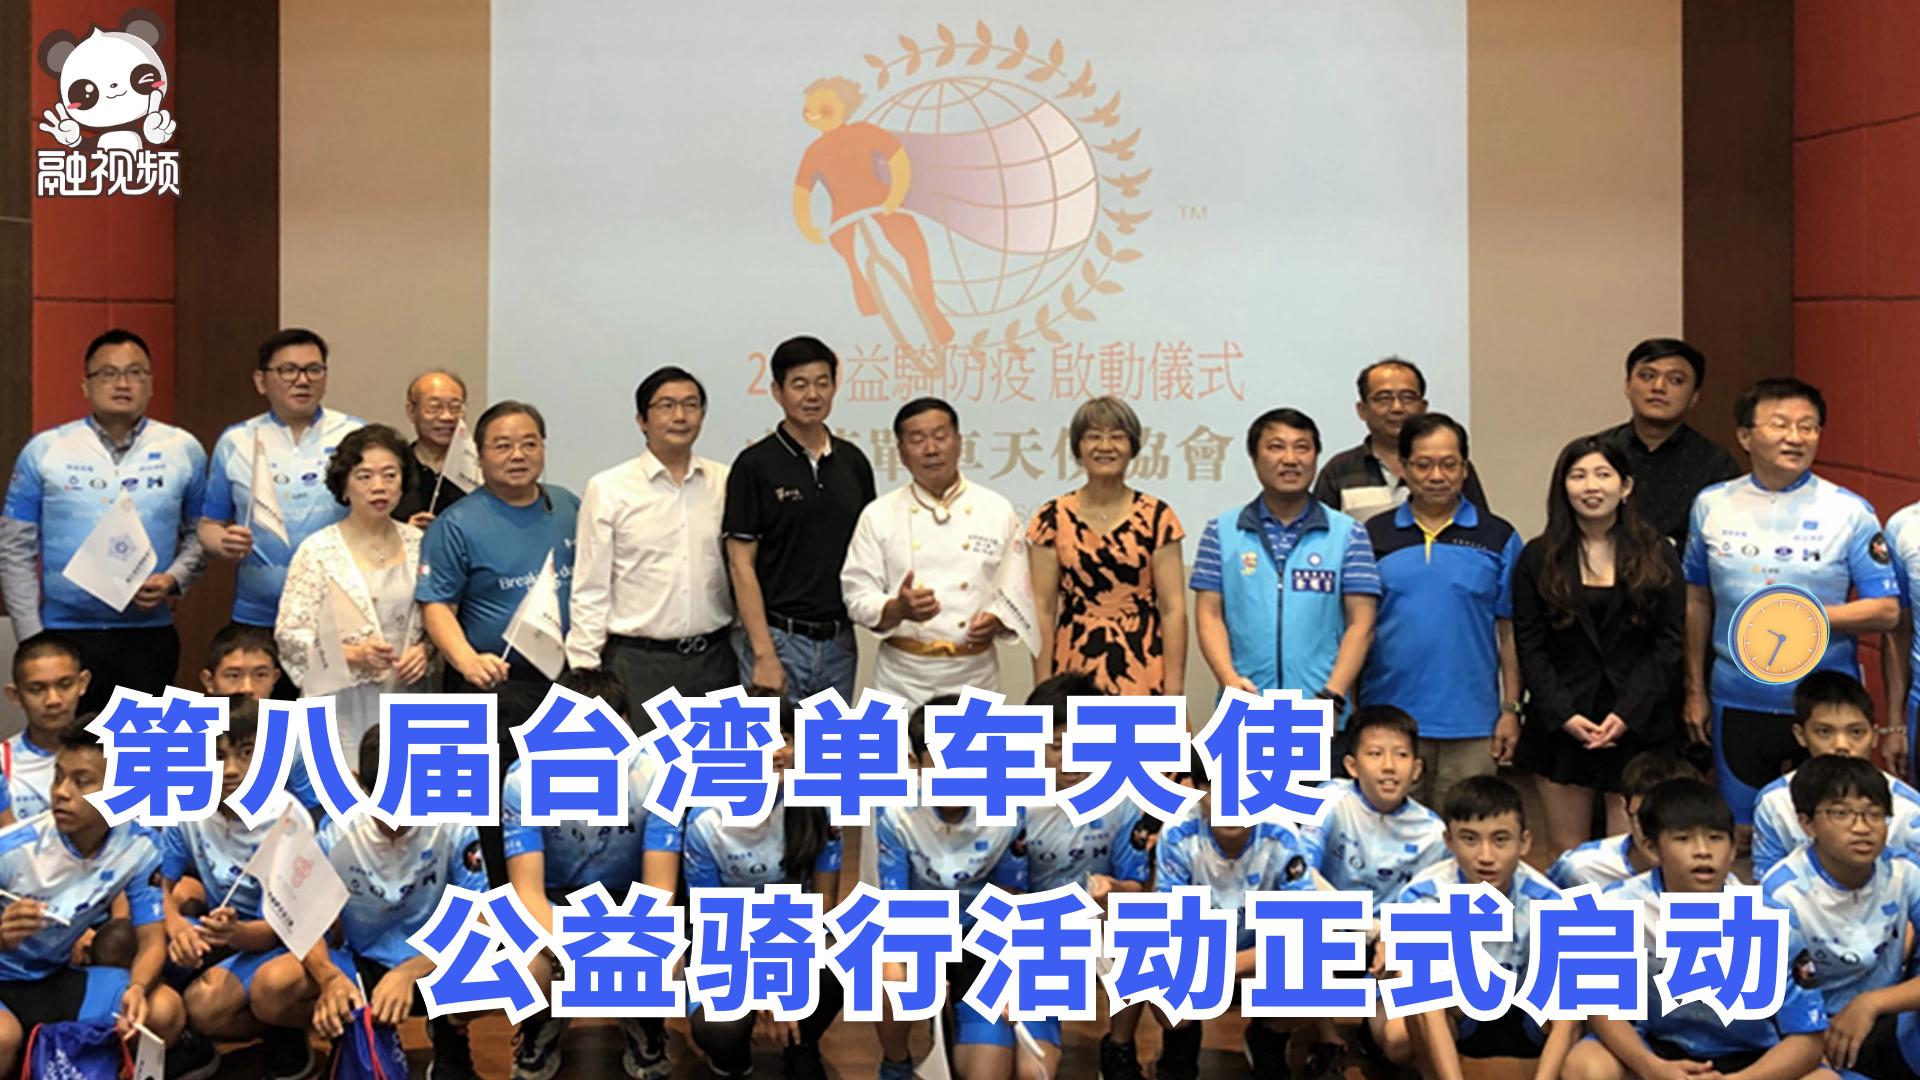 益骑防疫,为爱起航——第八届台湾单车天使公益骑行活动正式启动图片